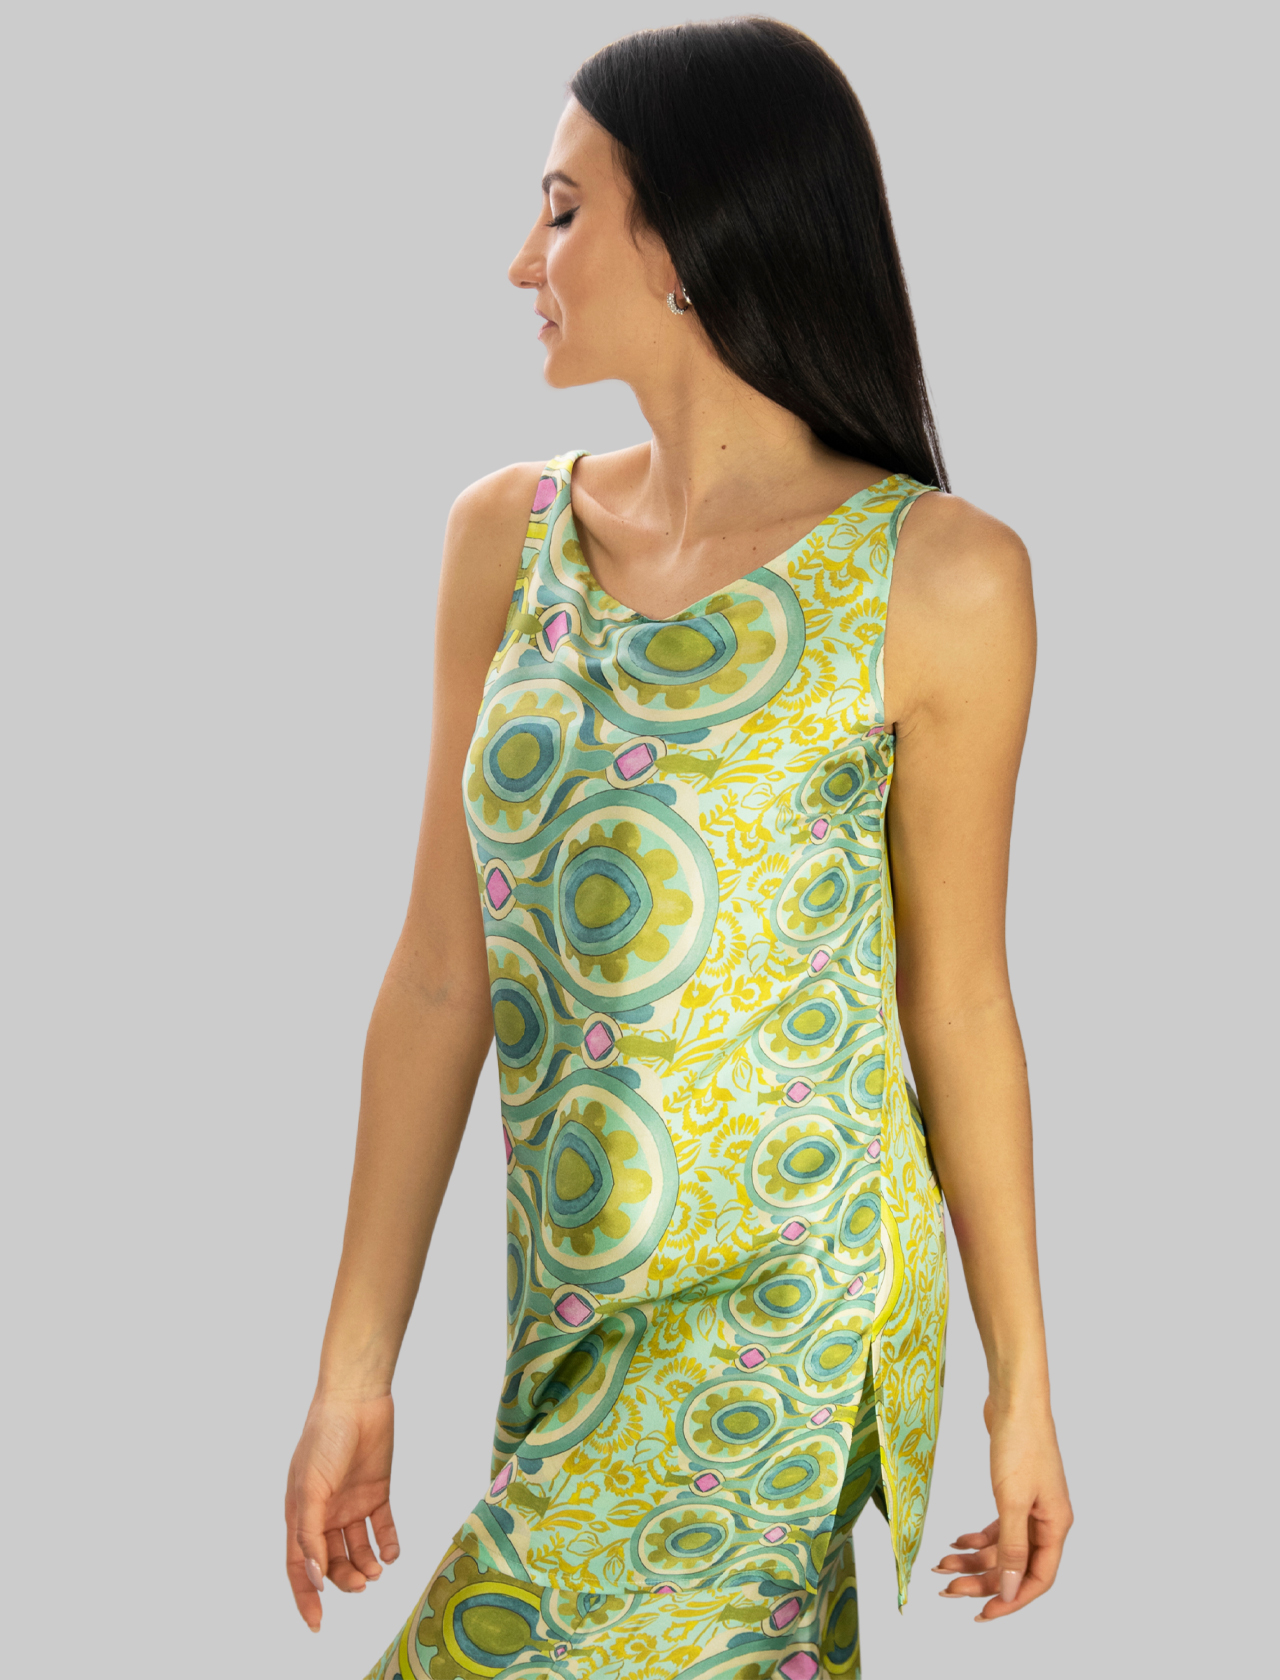 Abbigliamento Donna Canotta Lunga in Seta a fantasia Verde Collection Print Maliparmi | T-shirt e Canotte | JP540730091C6032